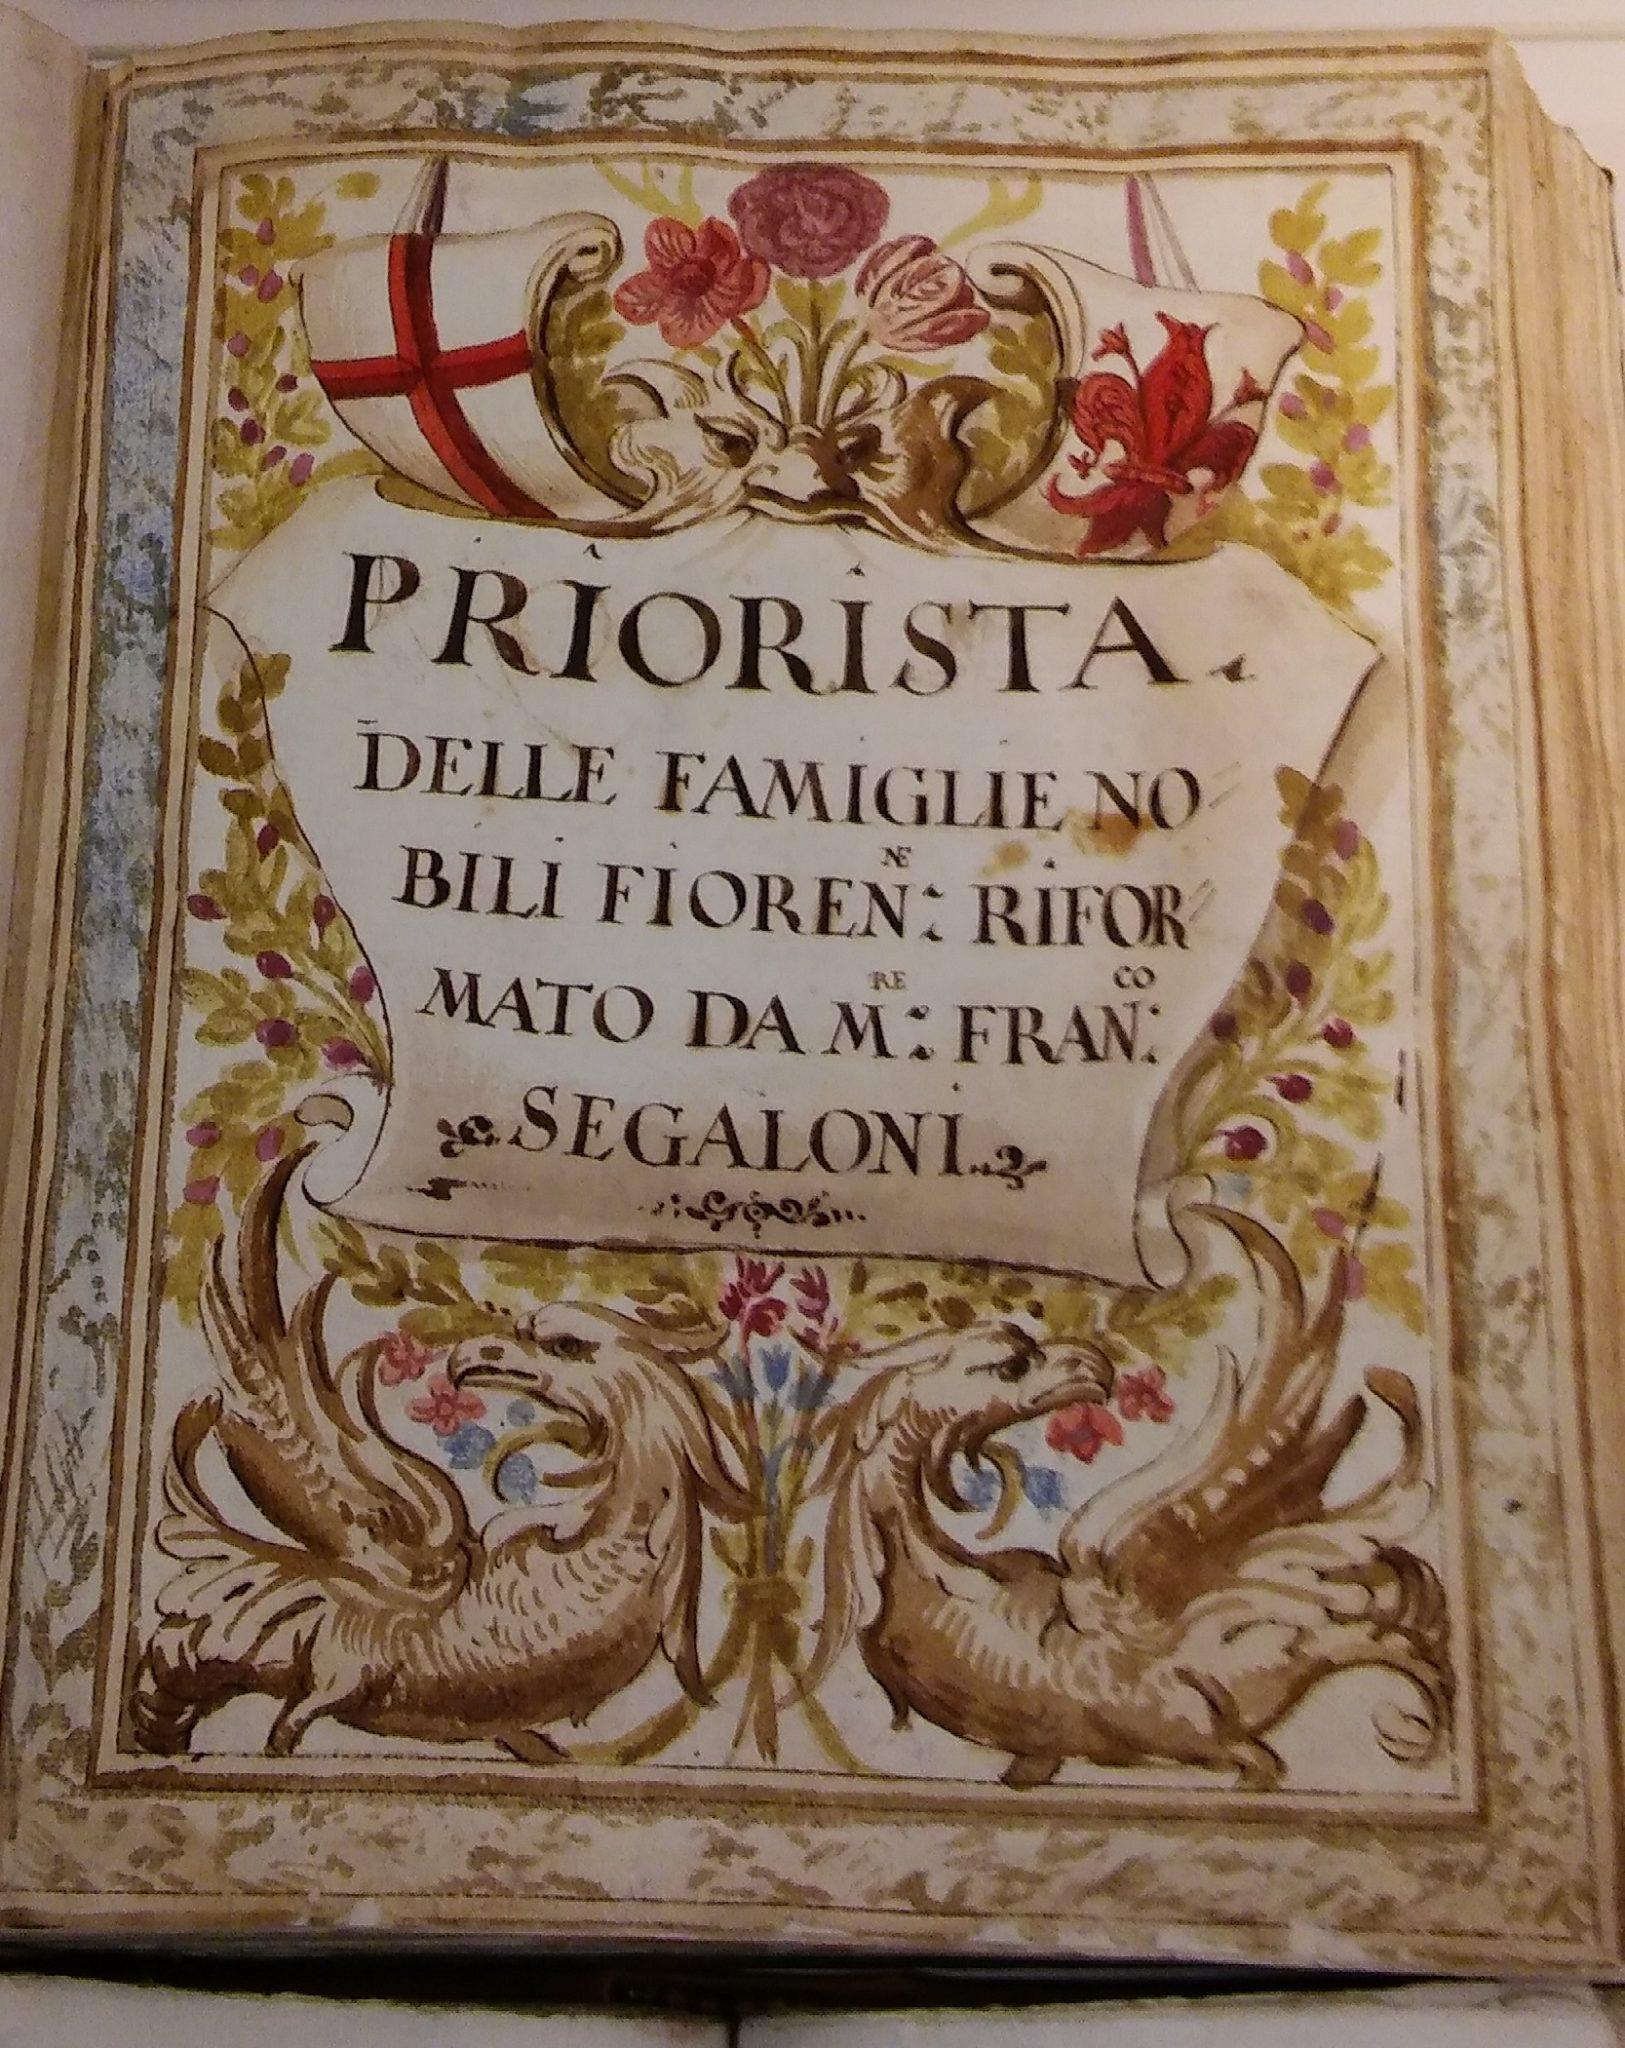 Frontespizio del manoscritto seicentesco de Il Priorista Fiorentino